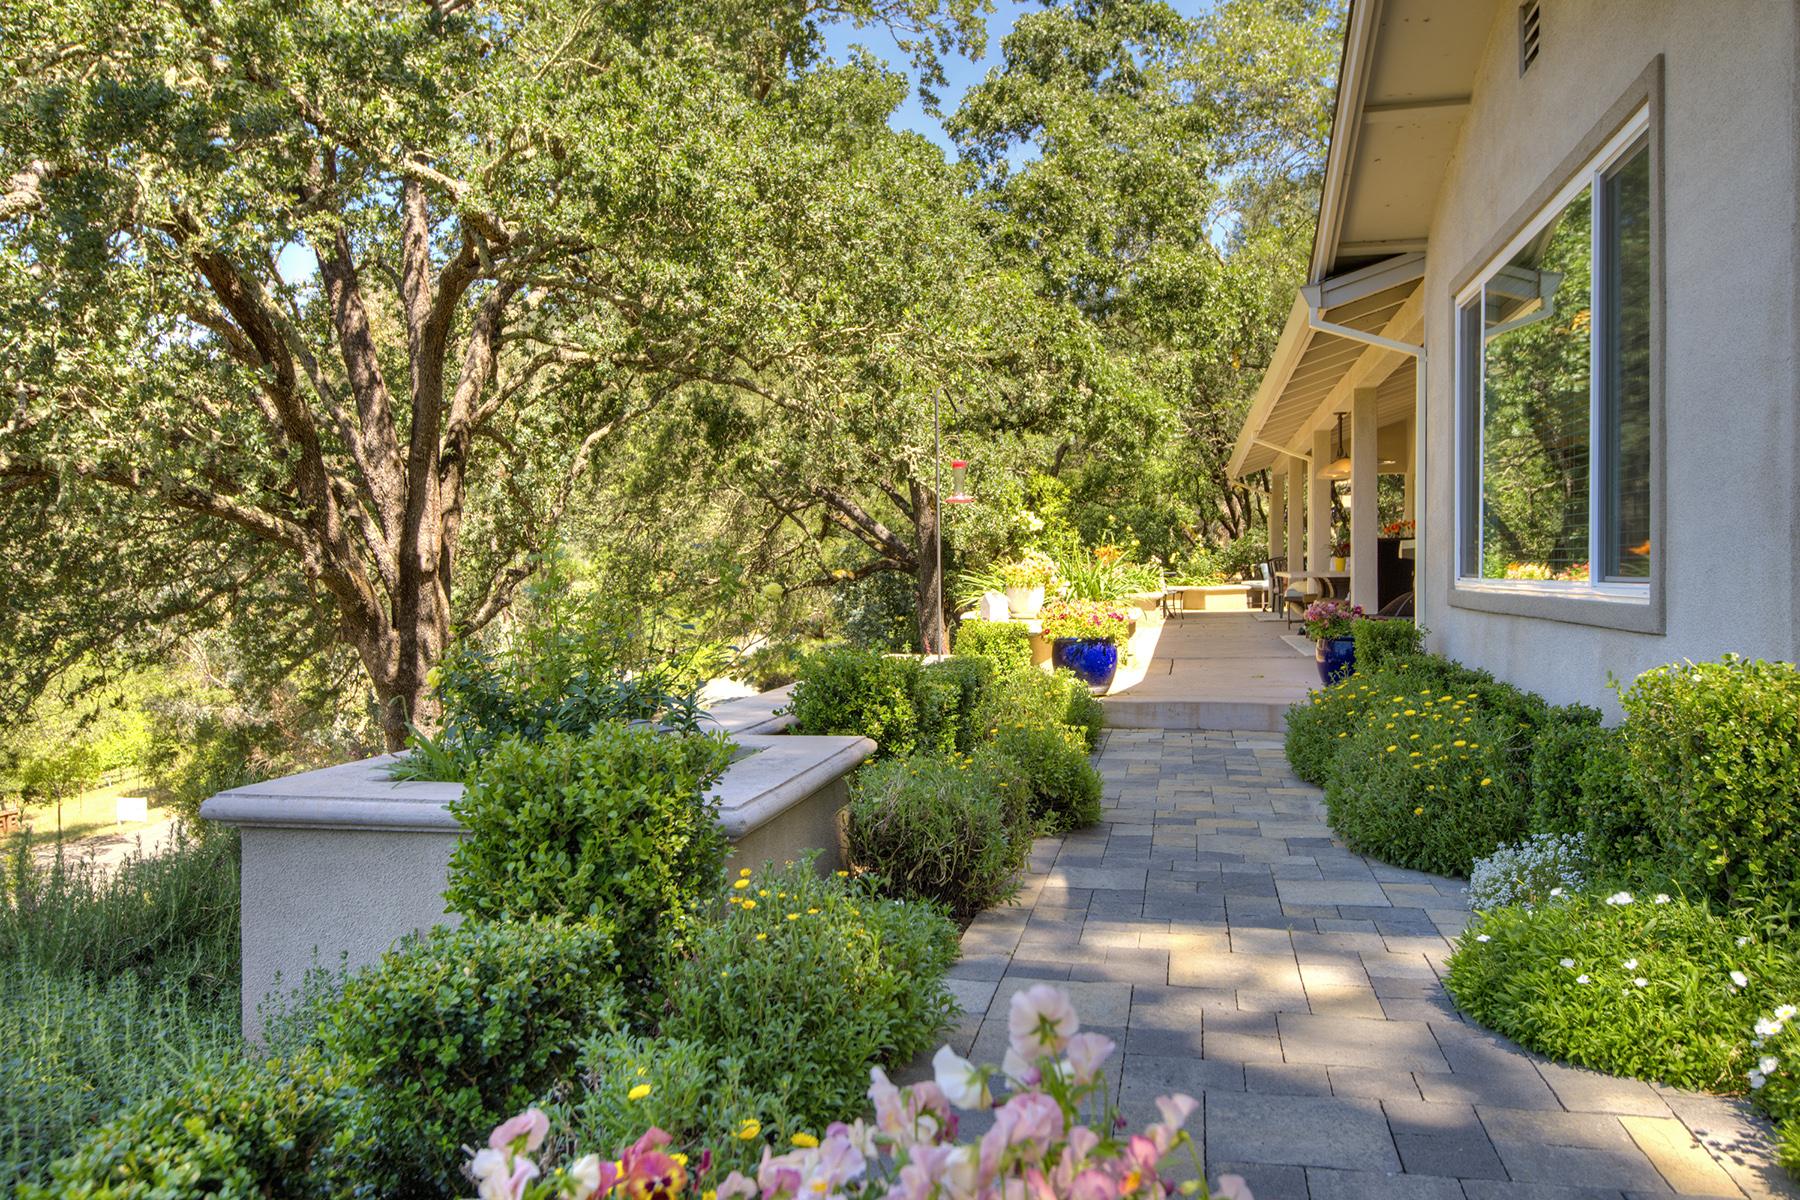 단독 가정 주택 용 매매 에 262 Fawn Park Rd, St. Helena, CA 94574 262 Fawn Park Rd St. Helena, 캘리포니아, 94574 미국